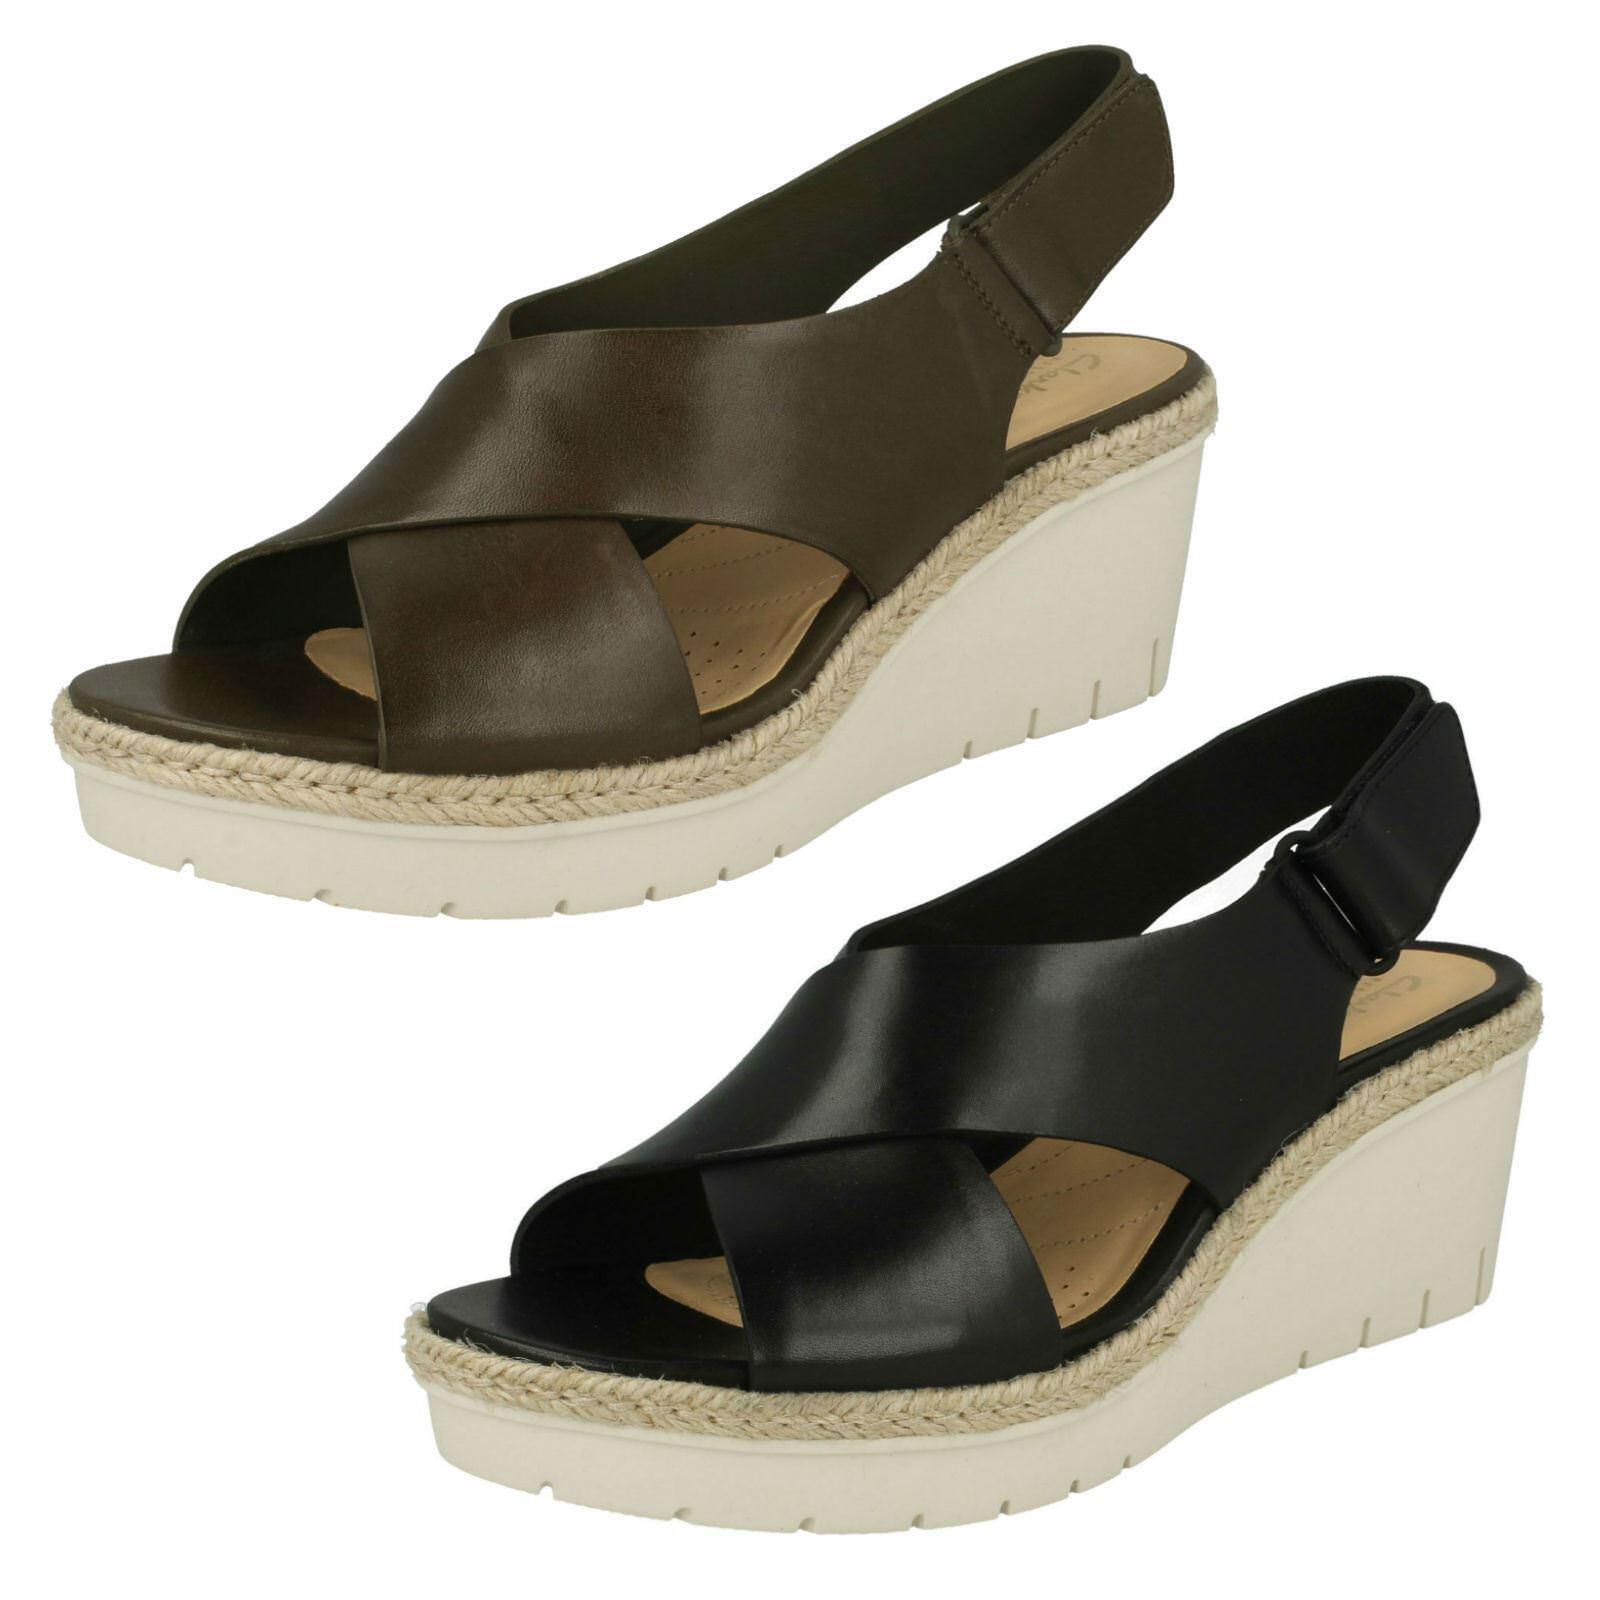 Ladies Clarks Palm Glow Wedged Heel Slingback Sandals